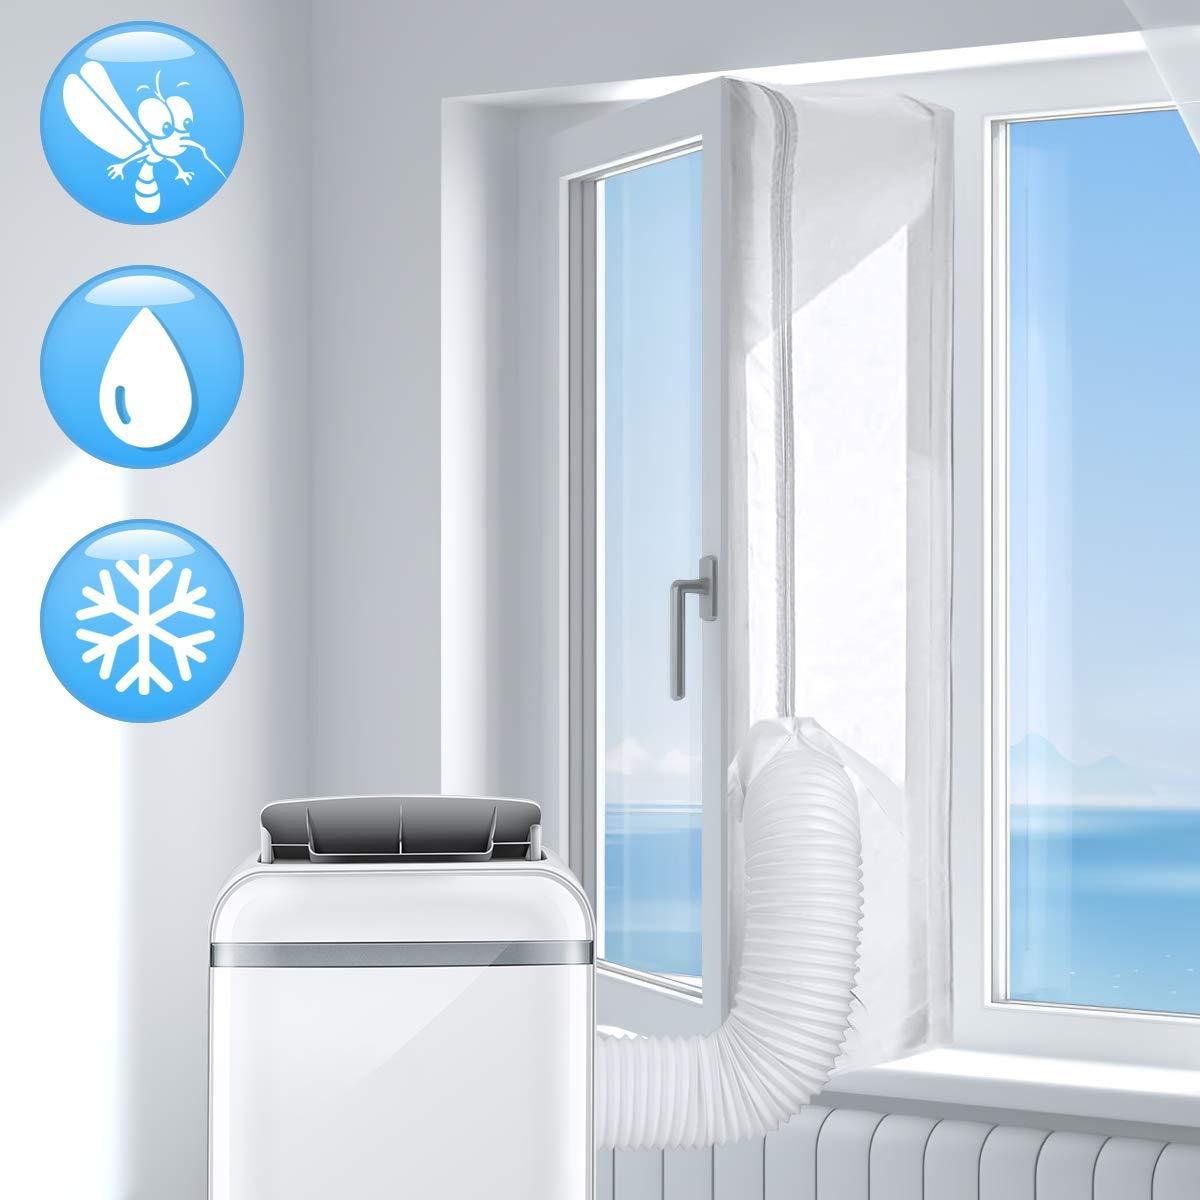 AGPTEK 300CM Aislamiento Ventanas para Aire Acondicionado Móvil y Secadora, Sello de Ventanas Impermeable, Anti UV, Anti-Mosquitos, con Dual Cremallera: Amazon.es: Hogar